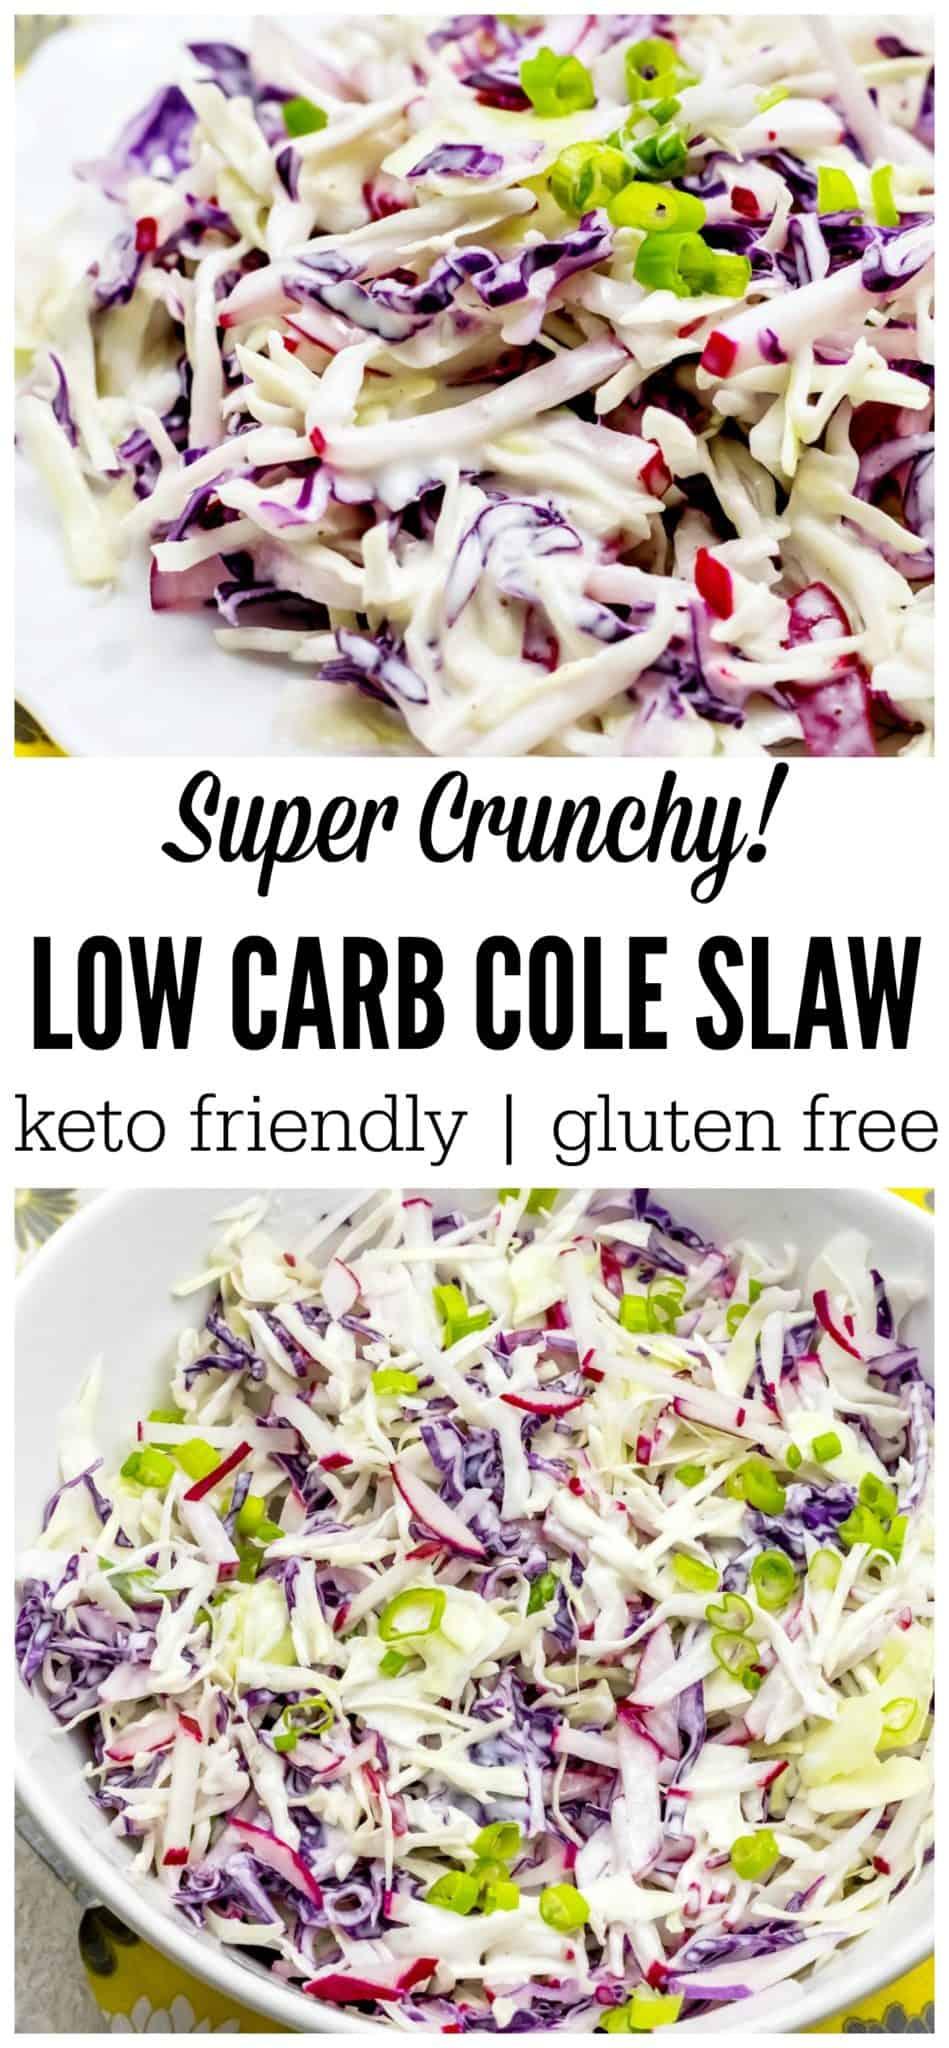 low carb cole slaw